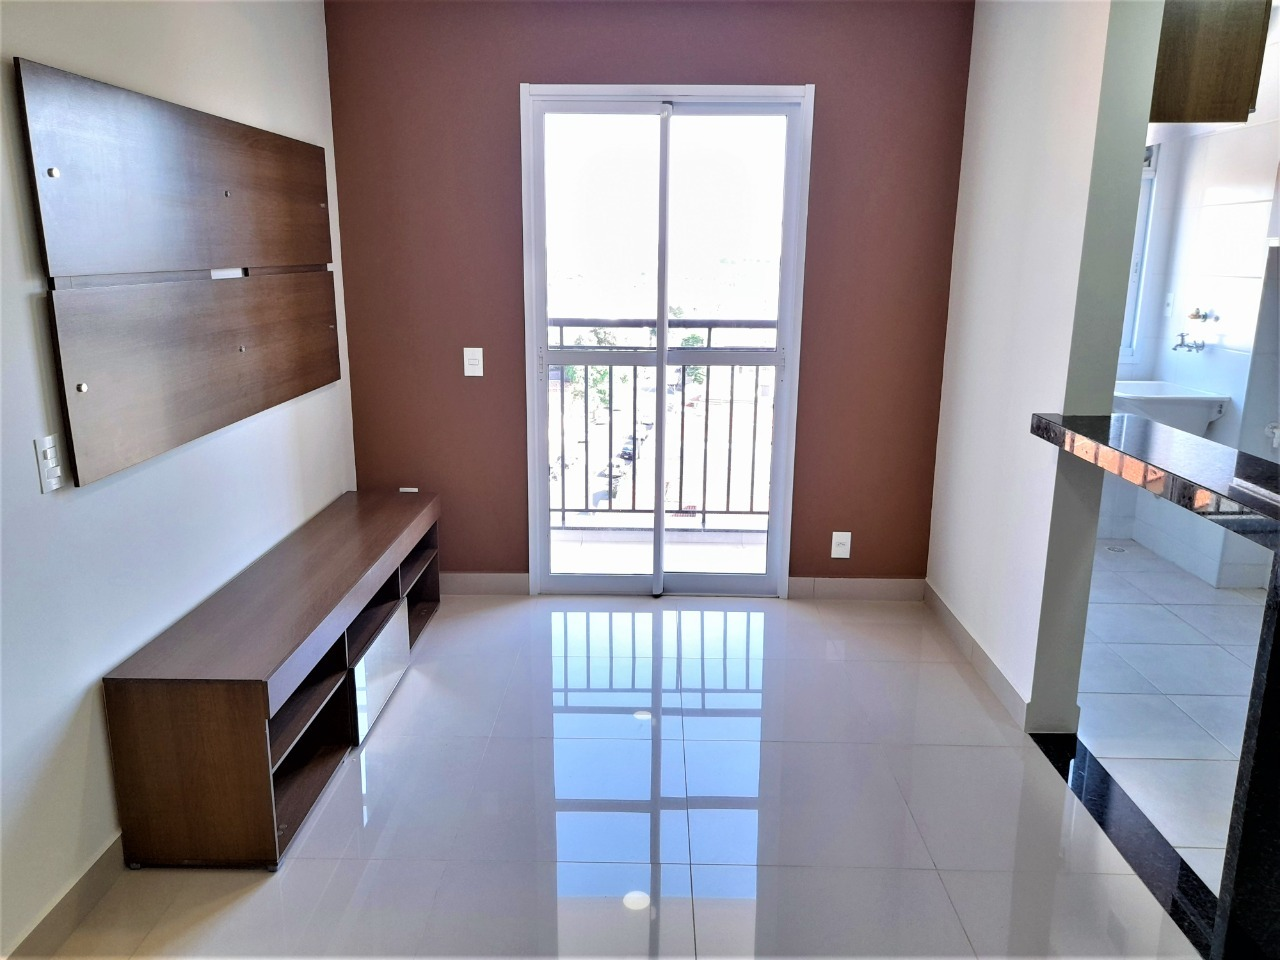 Apartamento para comprar, 2 quartos, 1 vaga, no bairro Morumbi em Piracicaba - SP